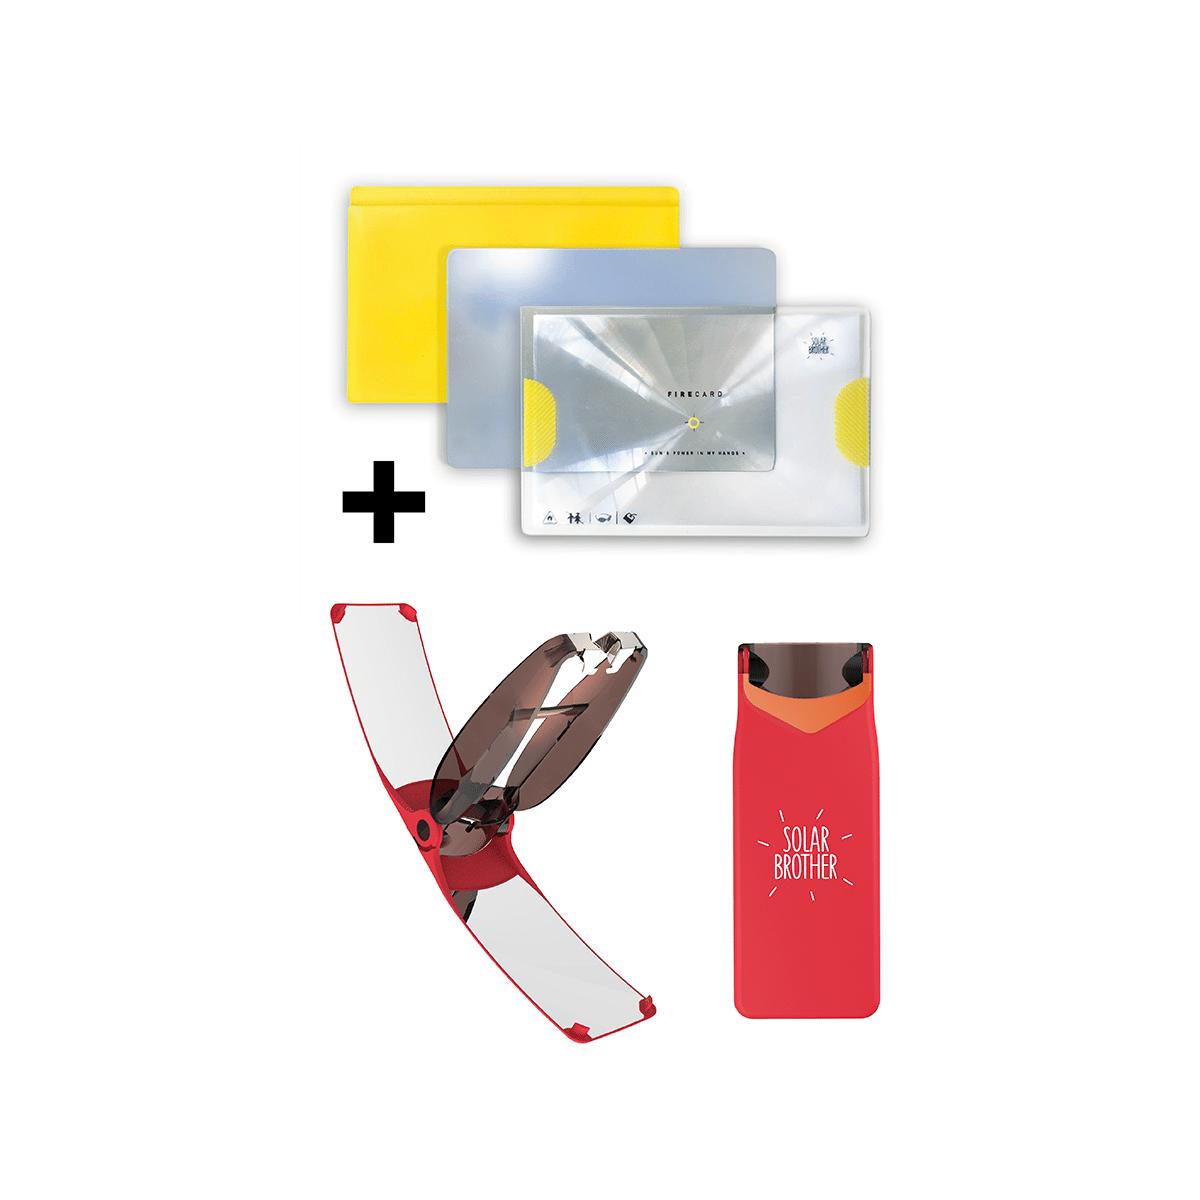 /Étui bi-/énergie Unique : allumage Solaire instantan/é ou allumage au gaz Traditionnel SOLAR BROTHER Waterproof /& Windproof /— Innovation fran/çaise brevet/ée Briquet Solaire Suncase /— Rouge